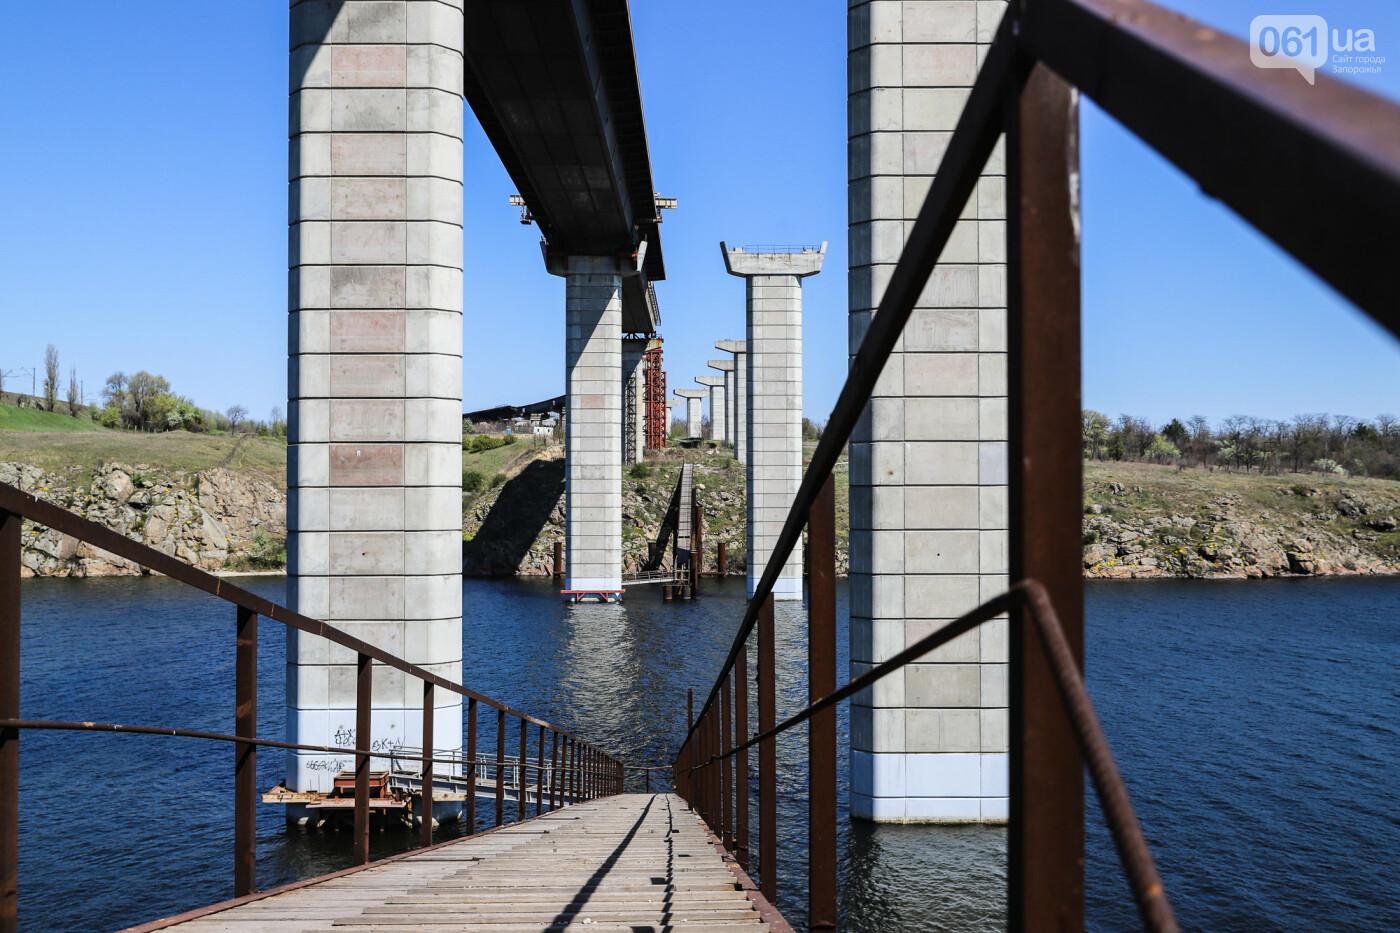 На запорожские мосты выделено 2,7 миллиарда: что сейчас проиходит стройплощадке, - ФОТОРЕПОРТАЖ, фото-43